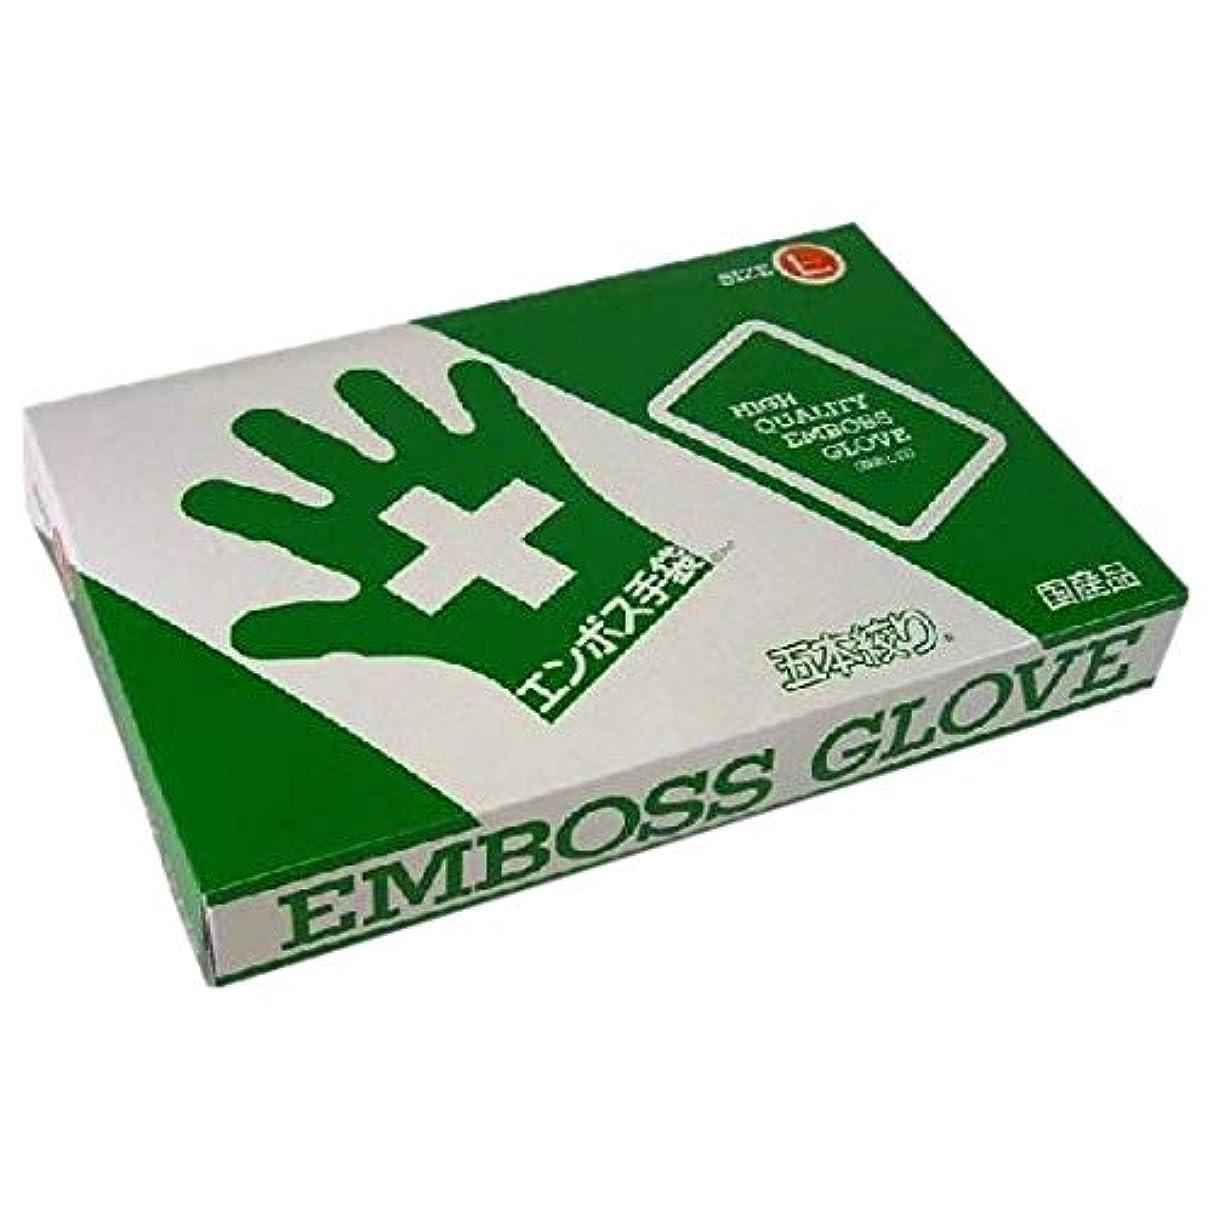 ティーム傷跡基準エンボス手袋 5本絞り(使い捨て手袋国産品) 東京パック L 200枚入